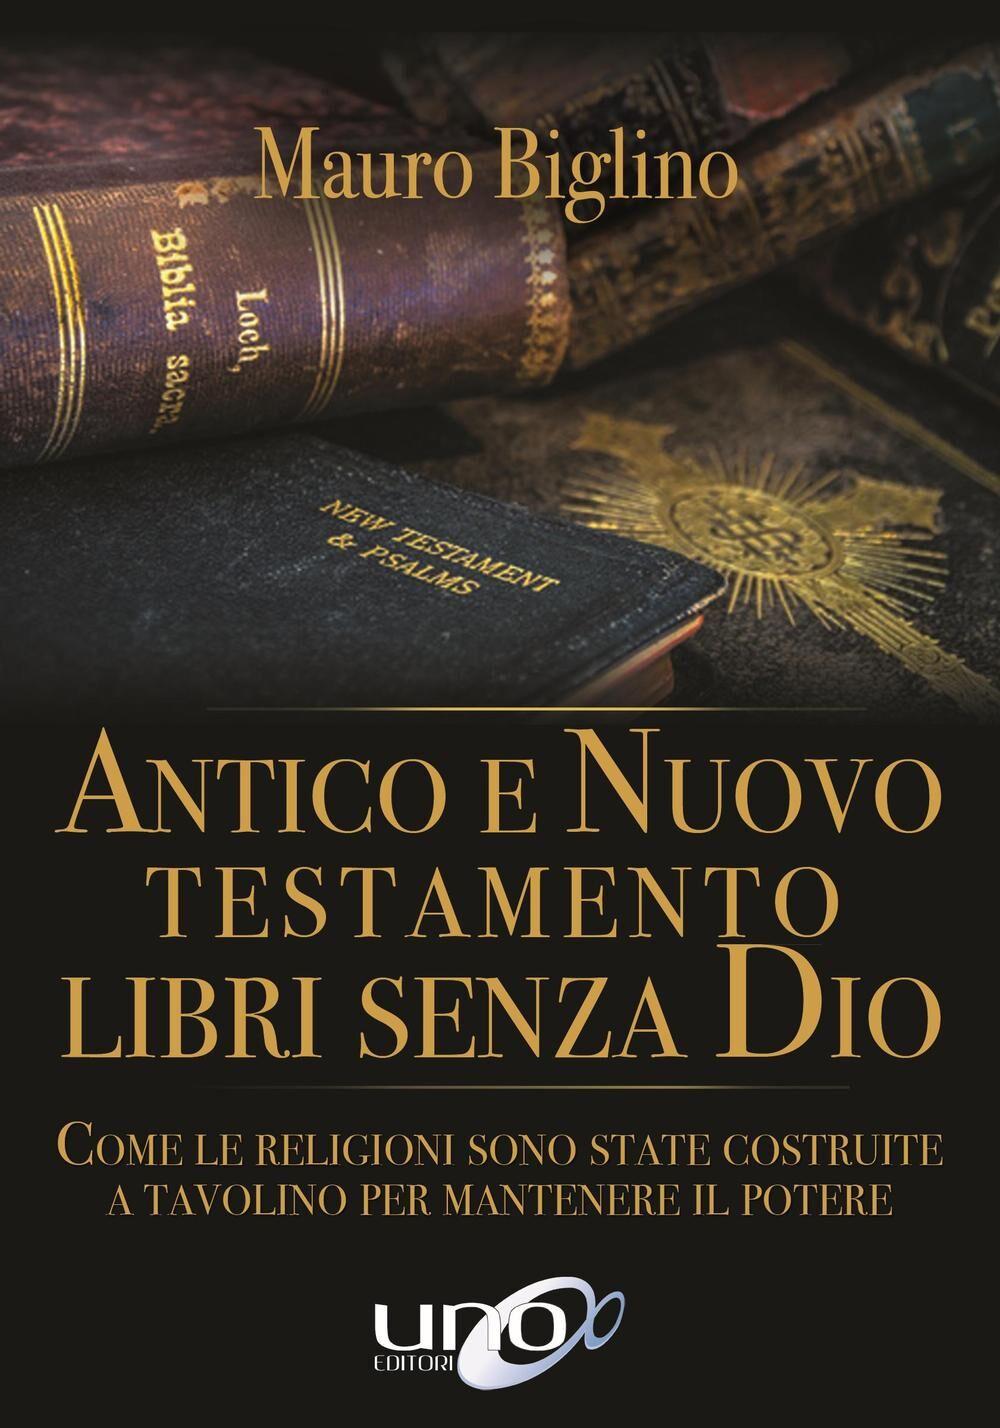 Antico e Nuovo Testamento. Libri senza Dio. Come le religioni sono state costruite a tavolino per mantenere il potere